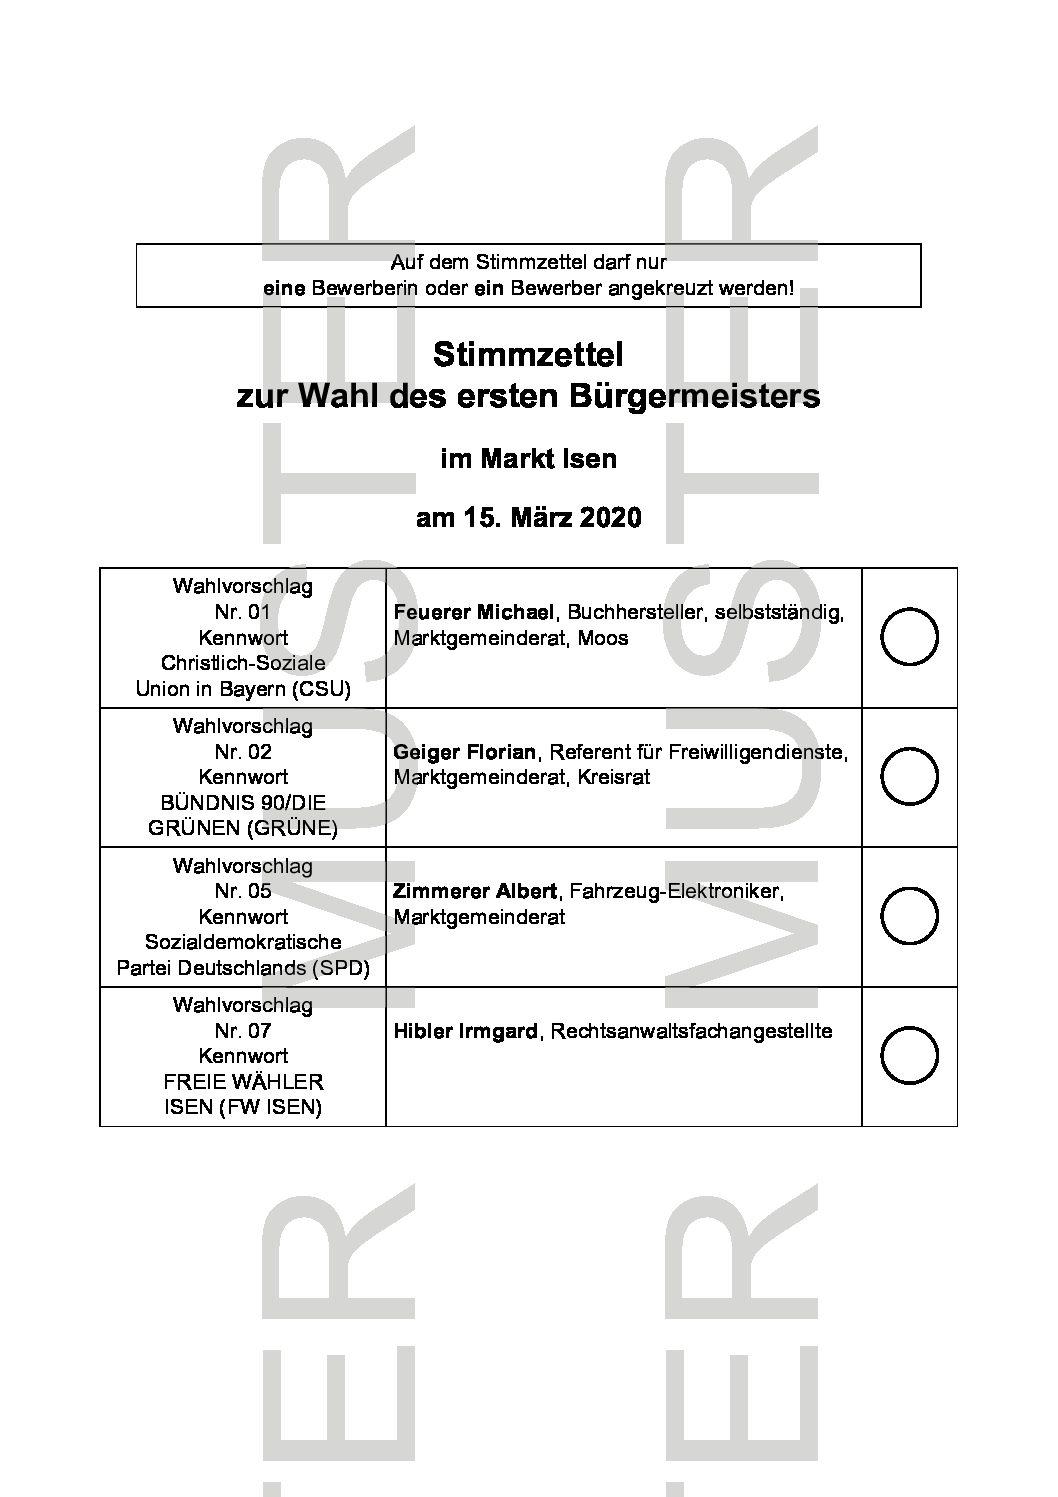 Stimmzettelmuster Bürgermeisterwahl Isen 2020